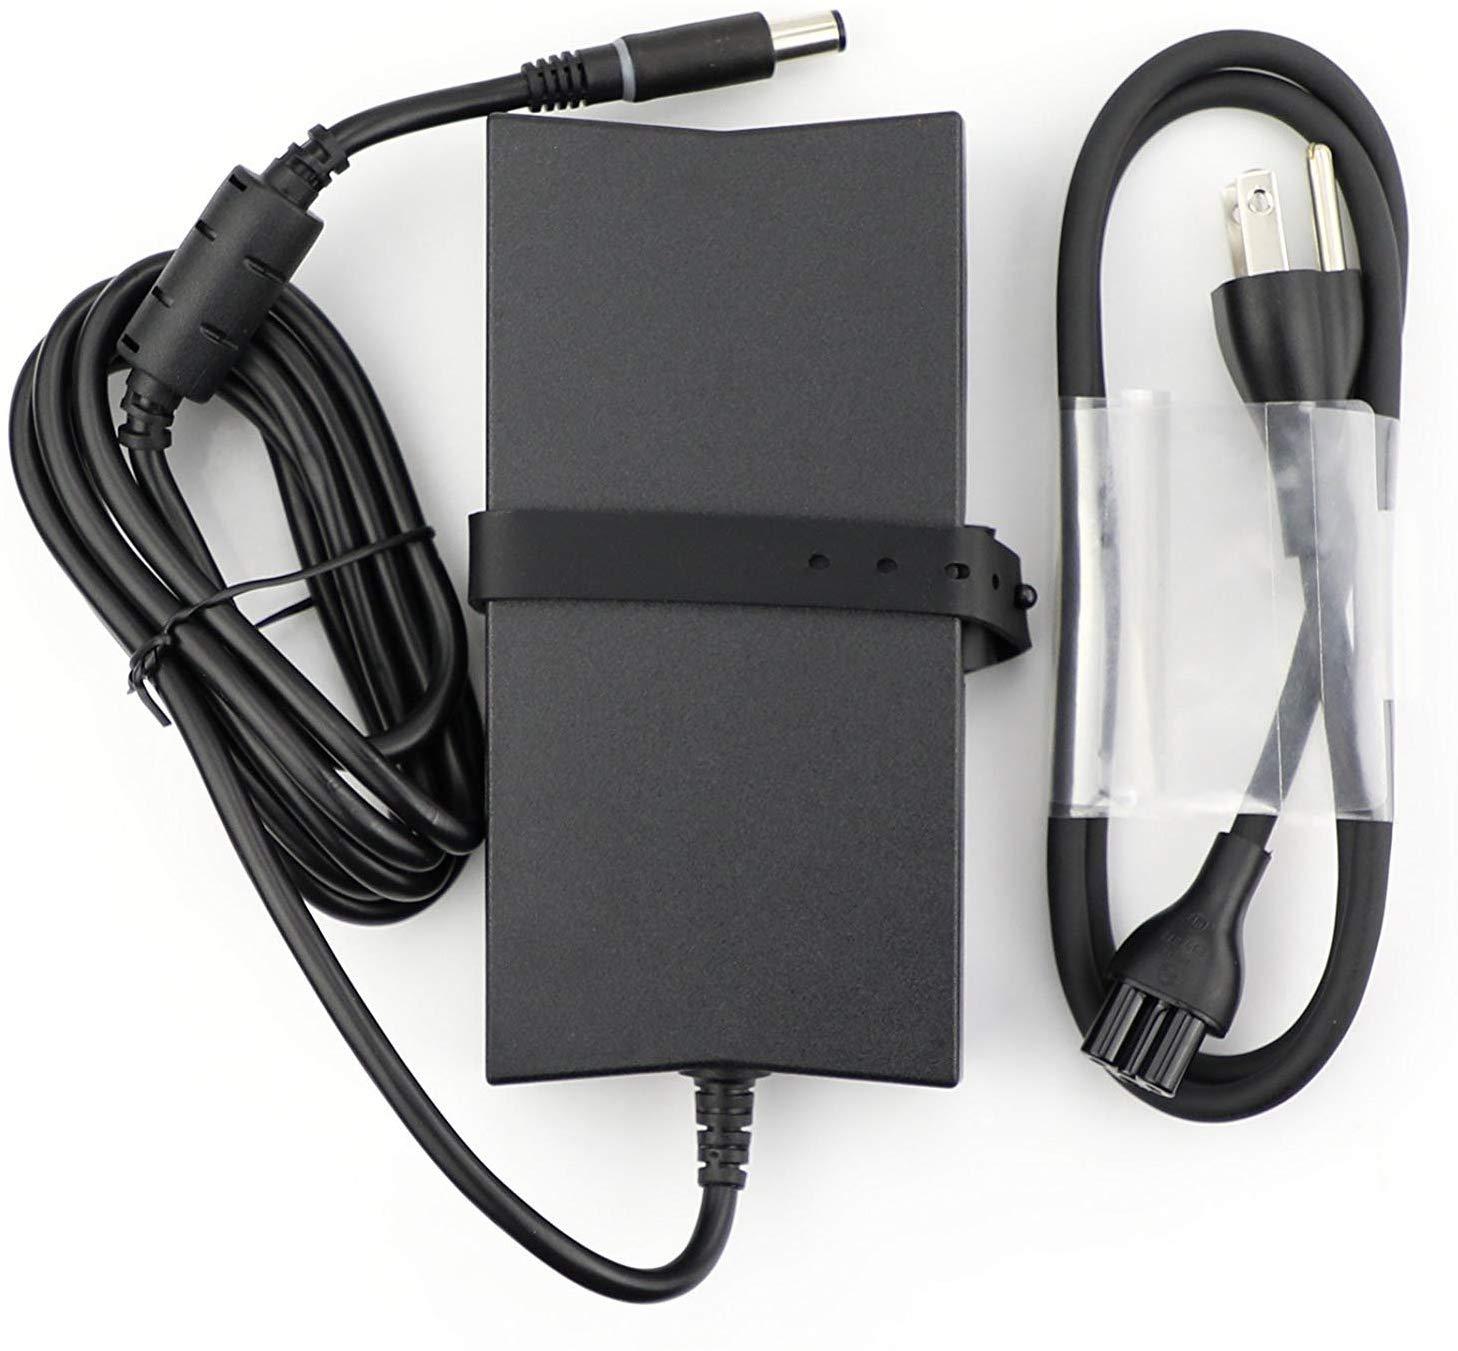 Huiyuan Dell 130W punta 7,4mm PA-4E cargador AC adaptador para precisión 3510 M2800 M4500 M6300 13 13 13 R2 E6540 15 7557 de 7559